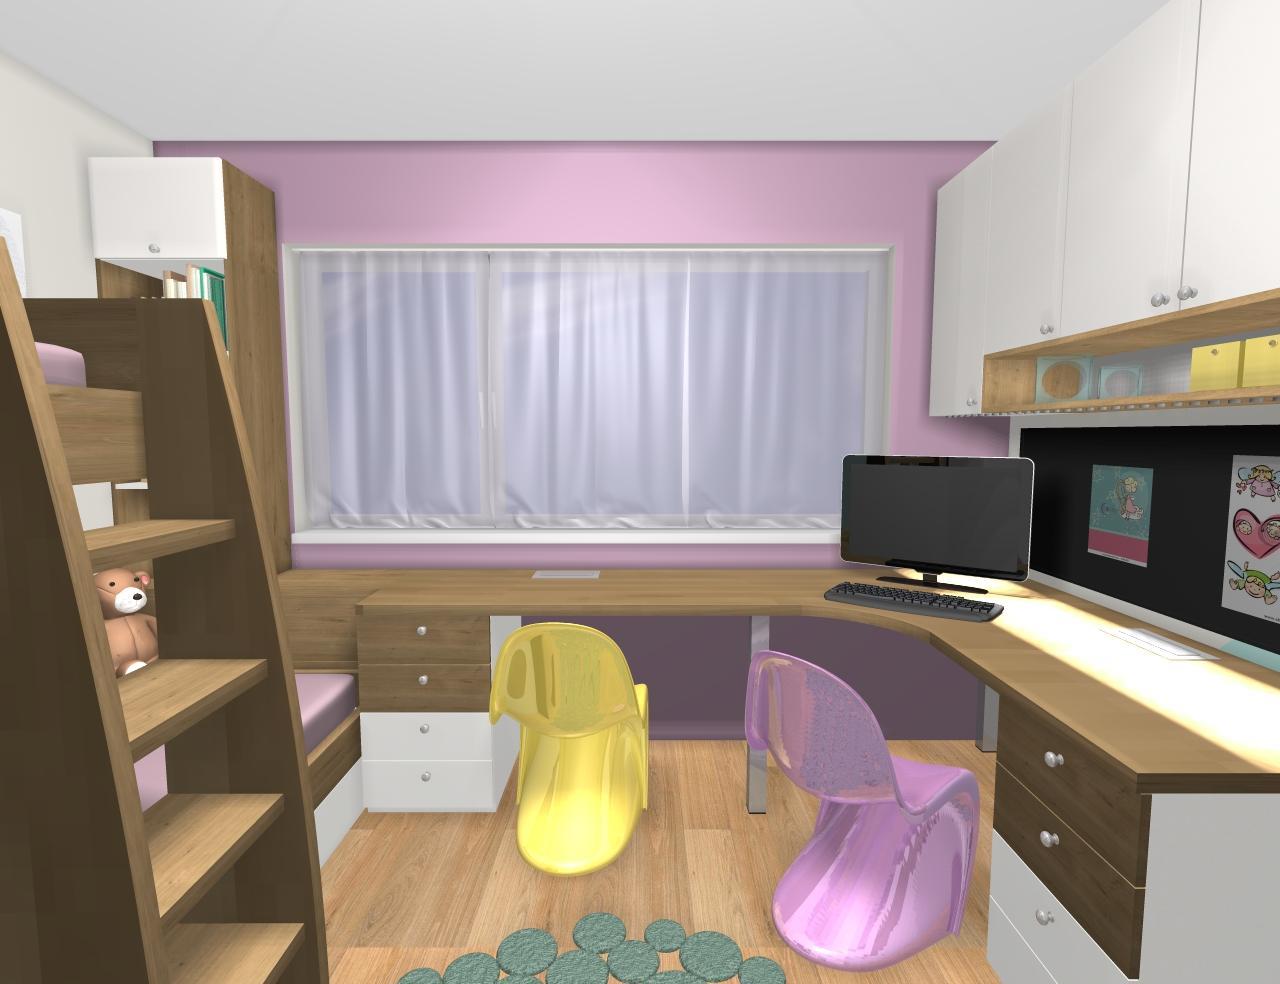 Grafické návrhy interiér 2019 - Grafický návrh detskej izby pre dve dievčatká - verzia 1 - obr.7